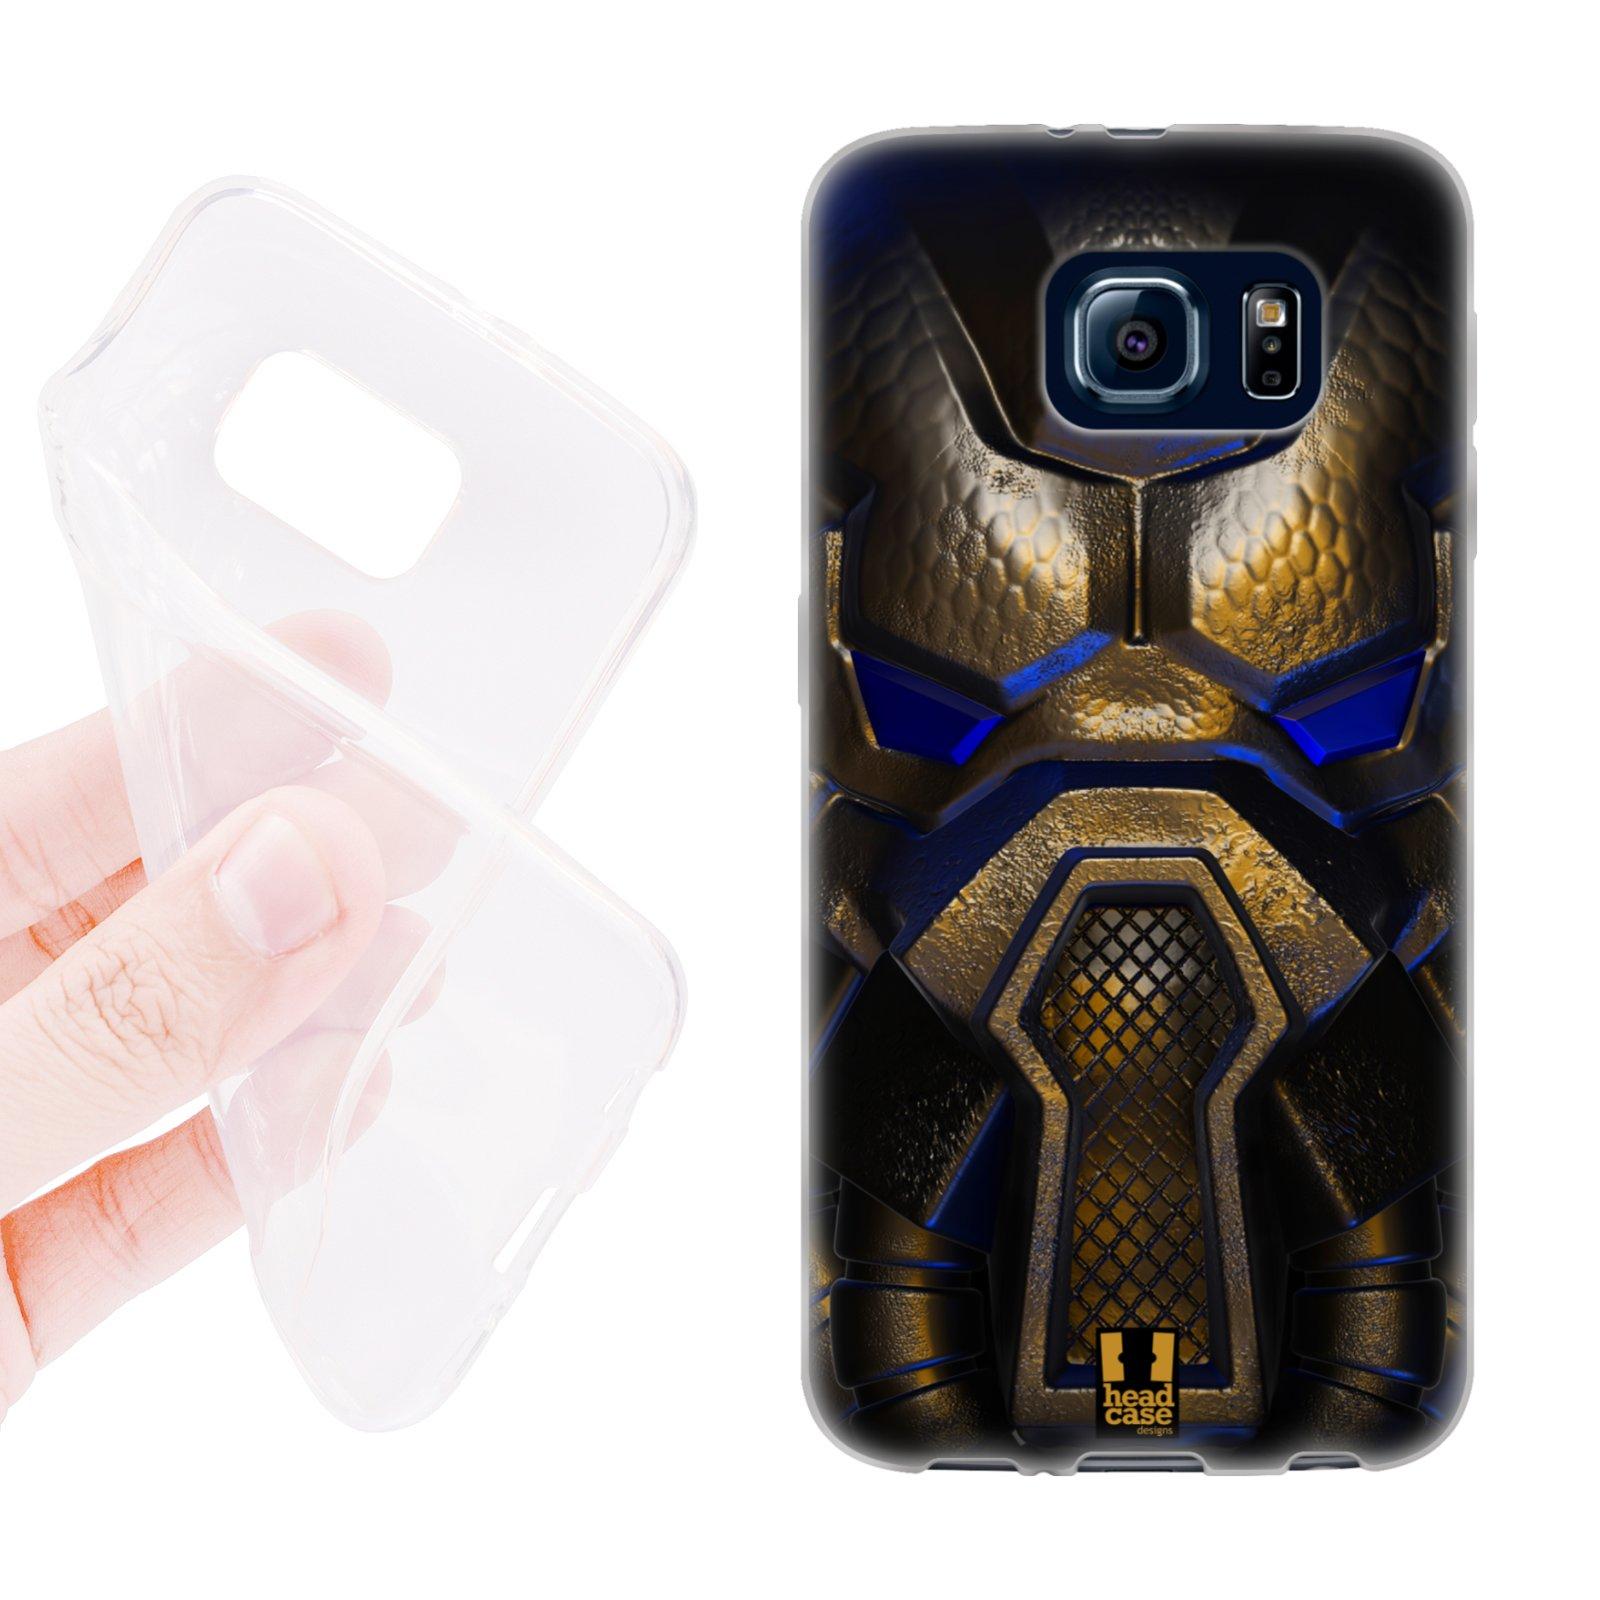 HEAD CASE silikonový obal na mobil Samsung galaxy S6 vesmírný válečník modrá